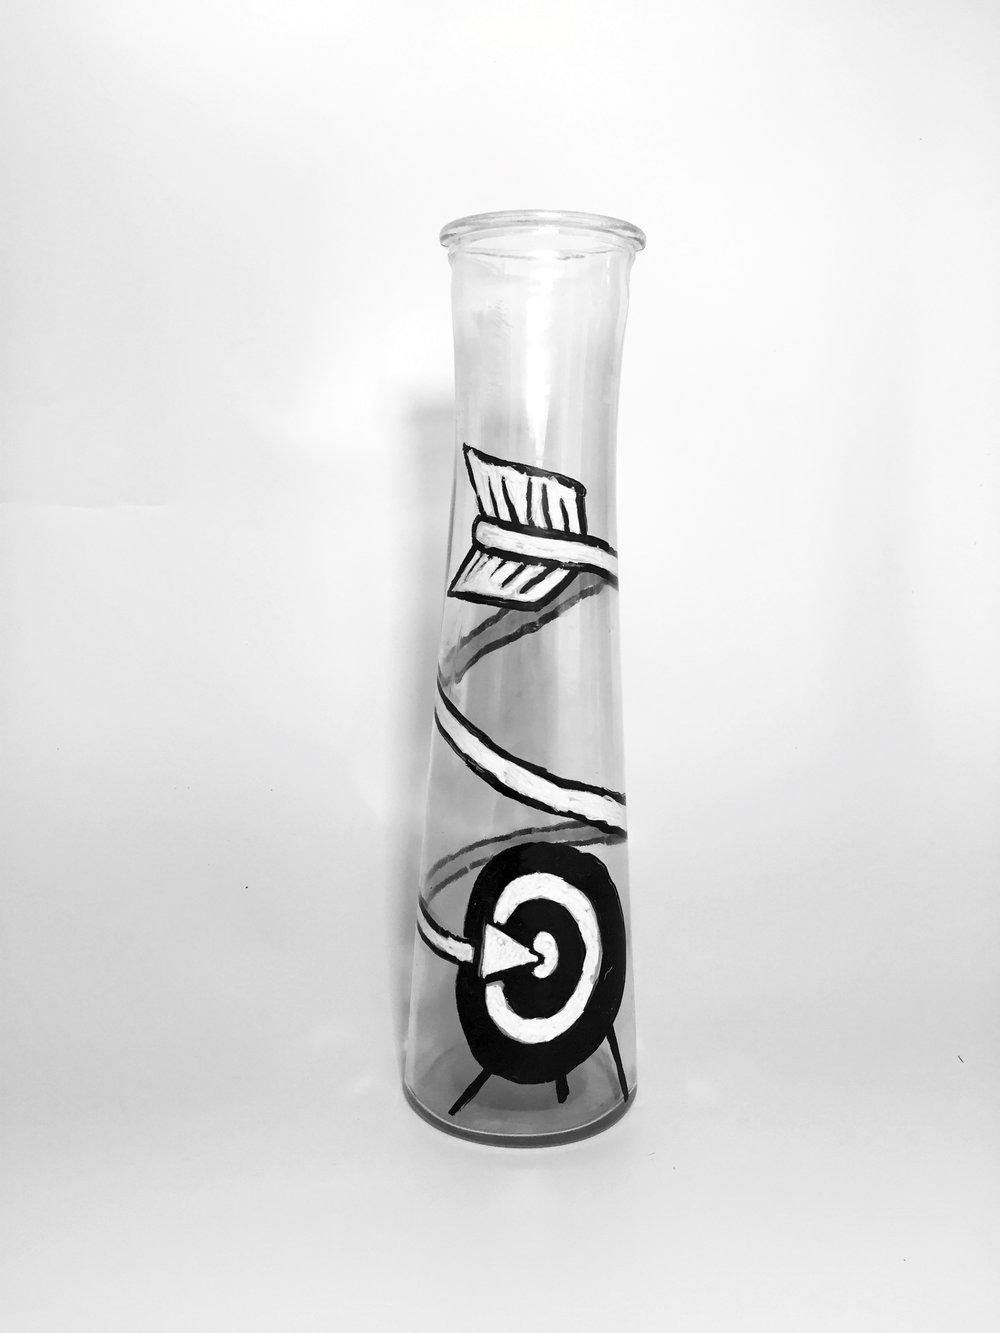 Winding Arrow (on vase)